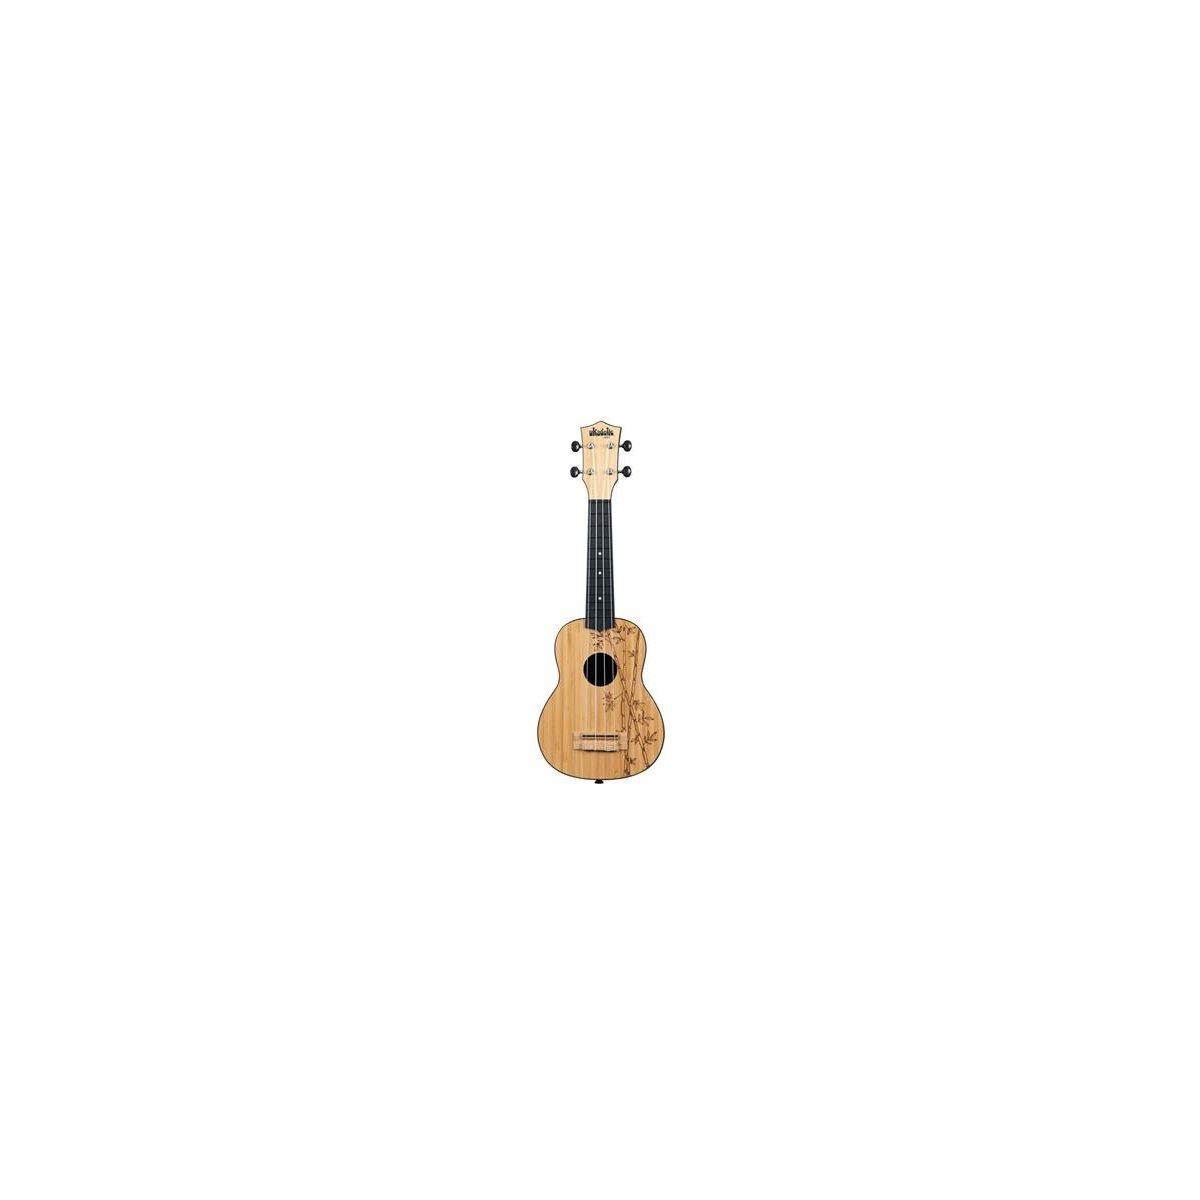 KALA - UK-BAMBOO - Ukadelic Bamboo Top Soprano Ukulele